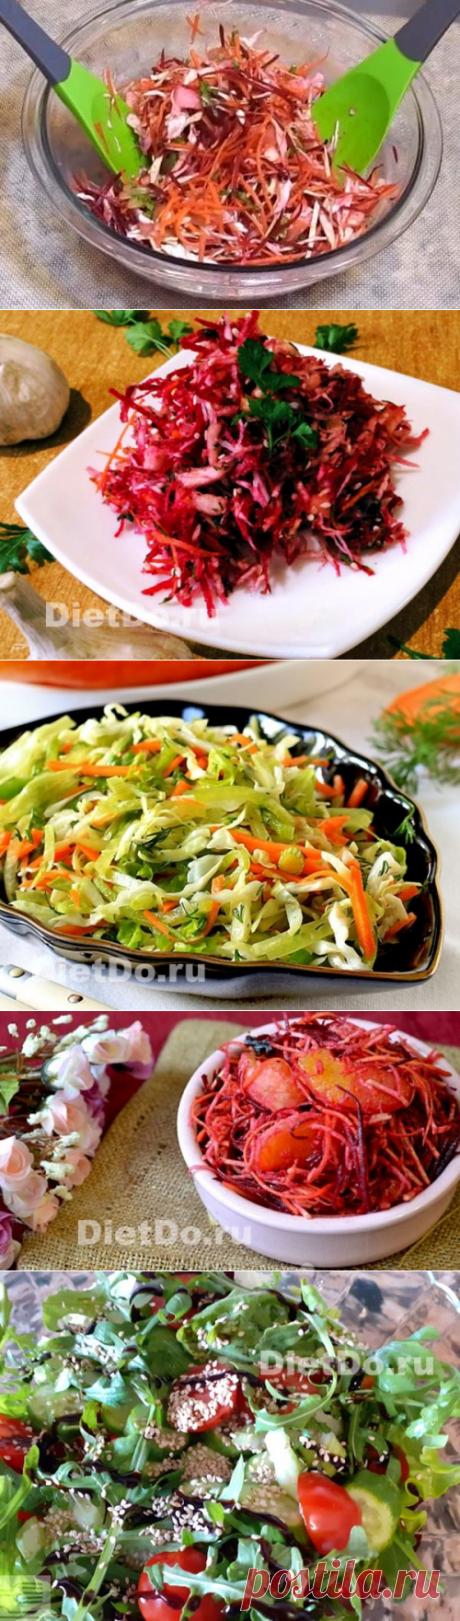 Салат «Щетка» для очищения кишечника и похудения за 2 дня без диеты + ТОП-11 рецептов